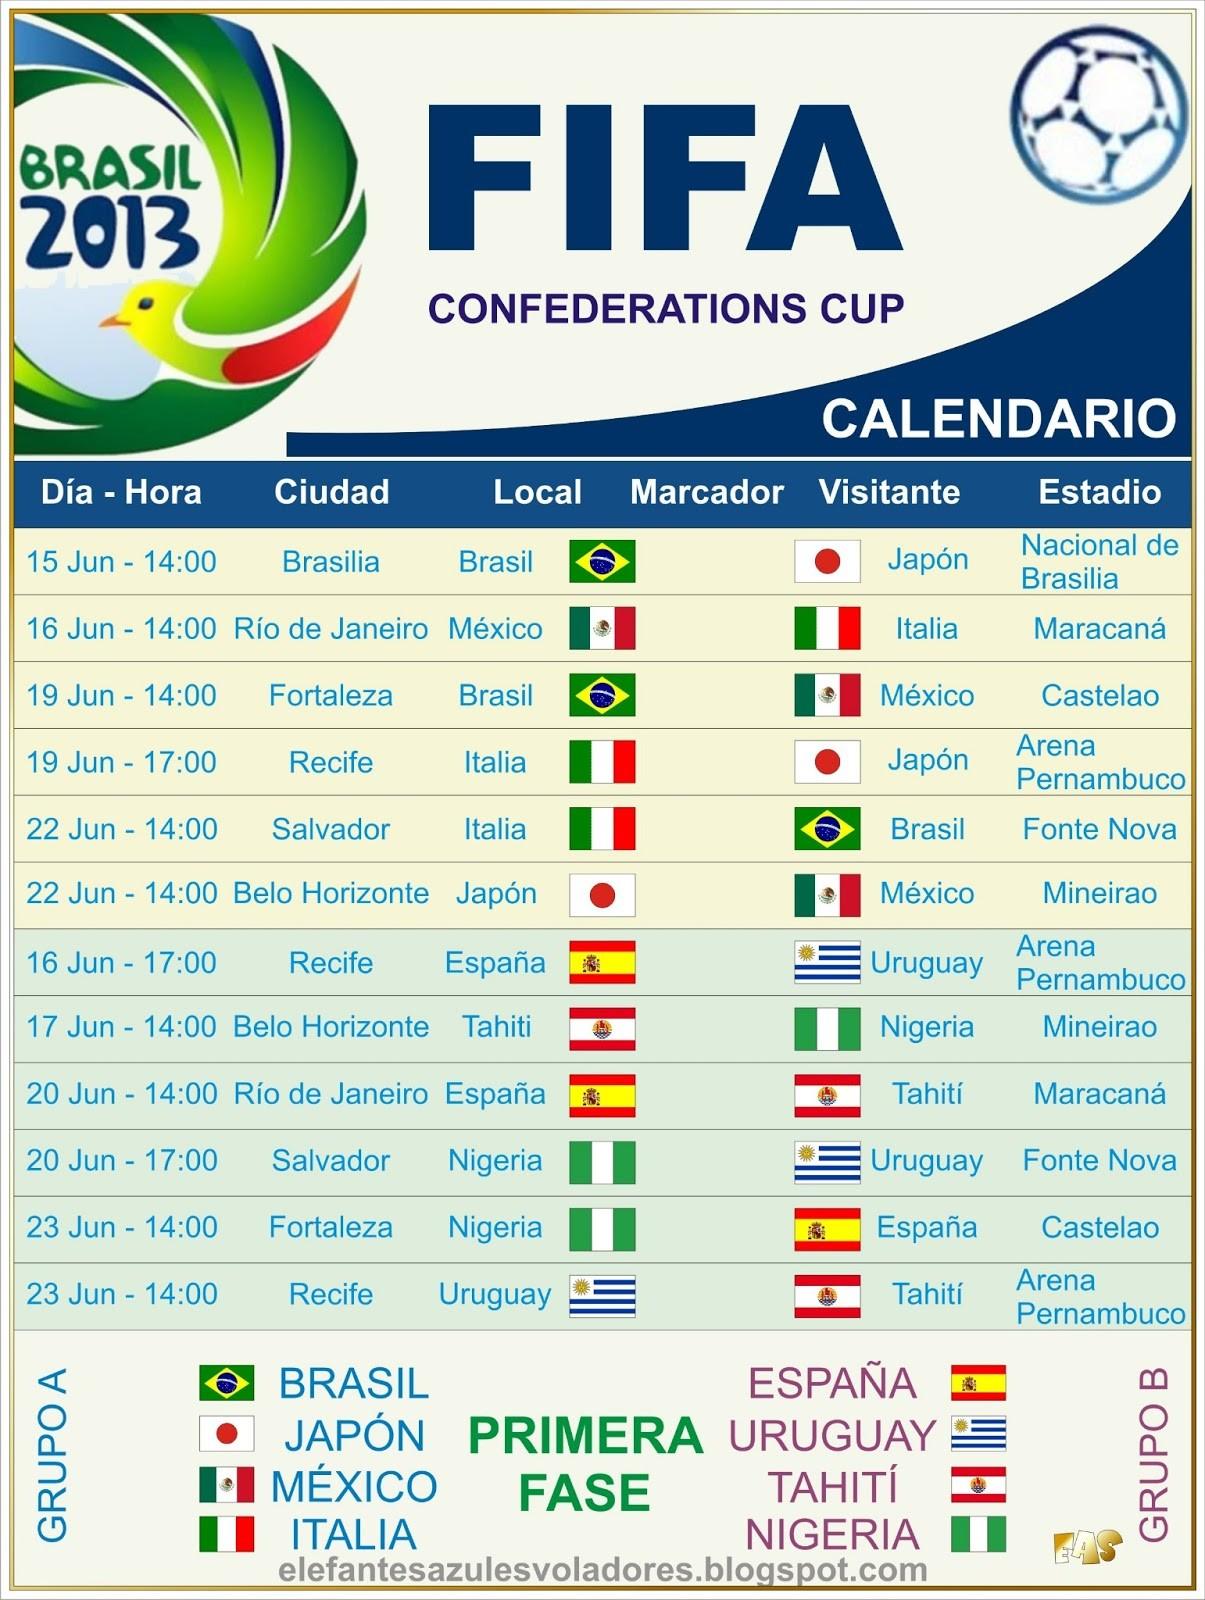 calendario copa fifa confederaciones